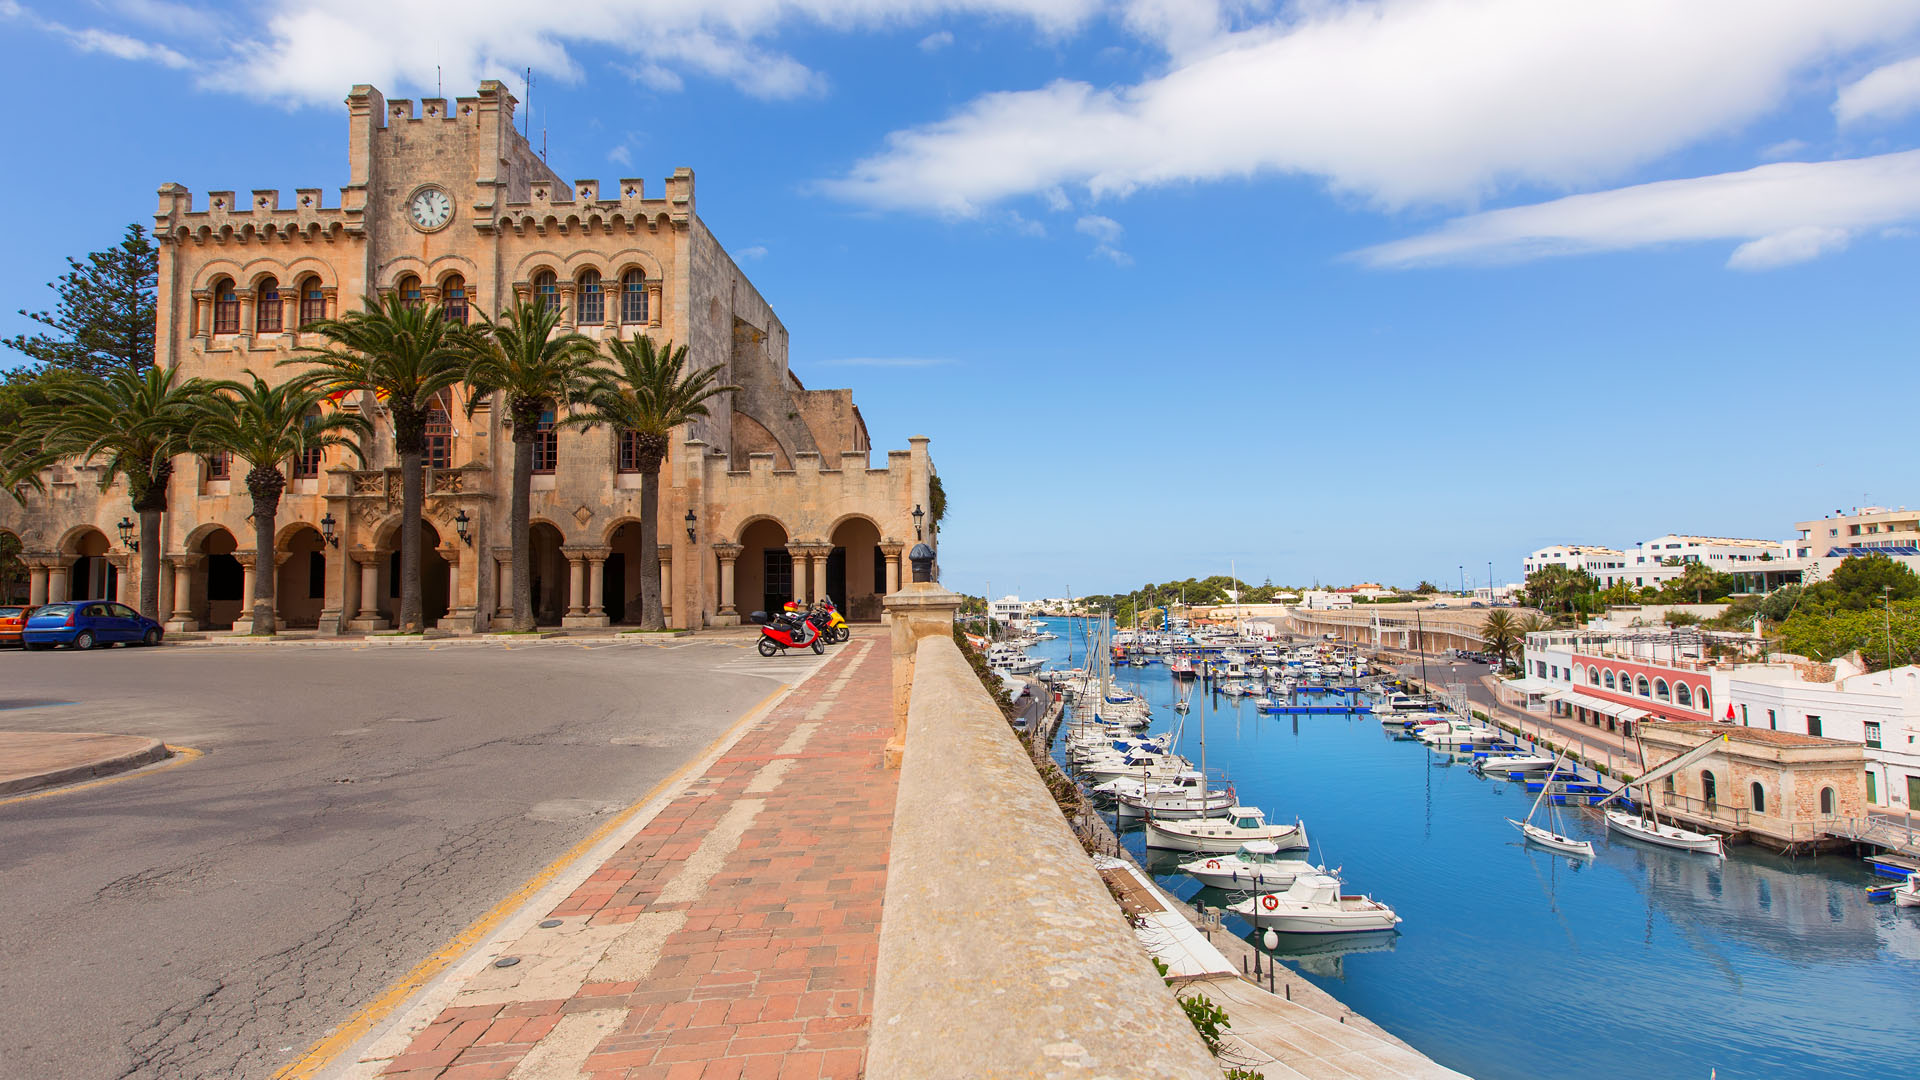 Imagen  Las casas señoriales de Ciutadella